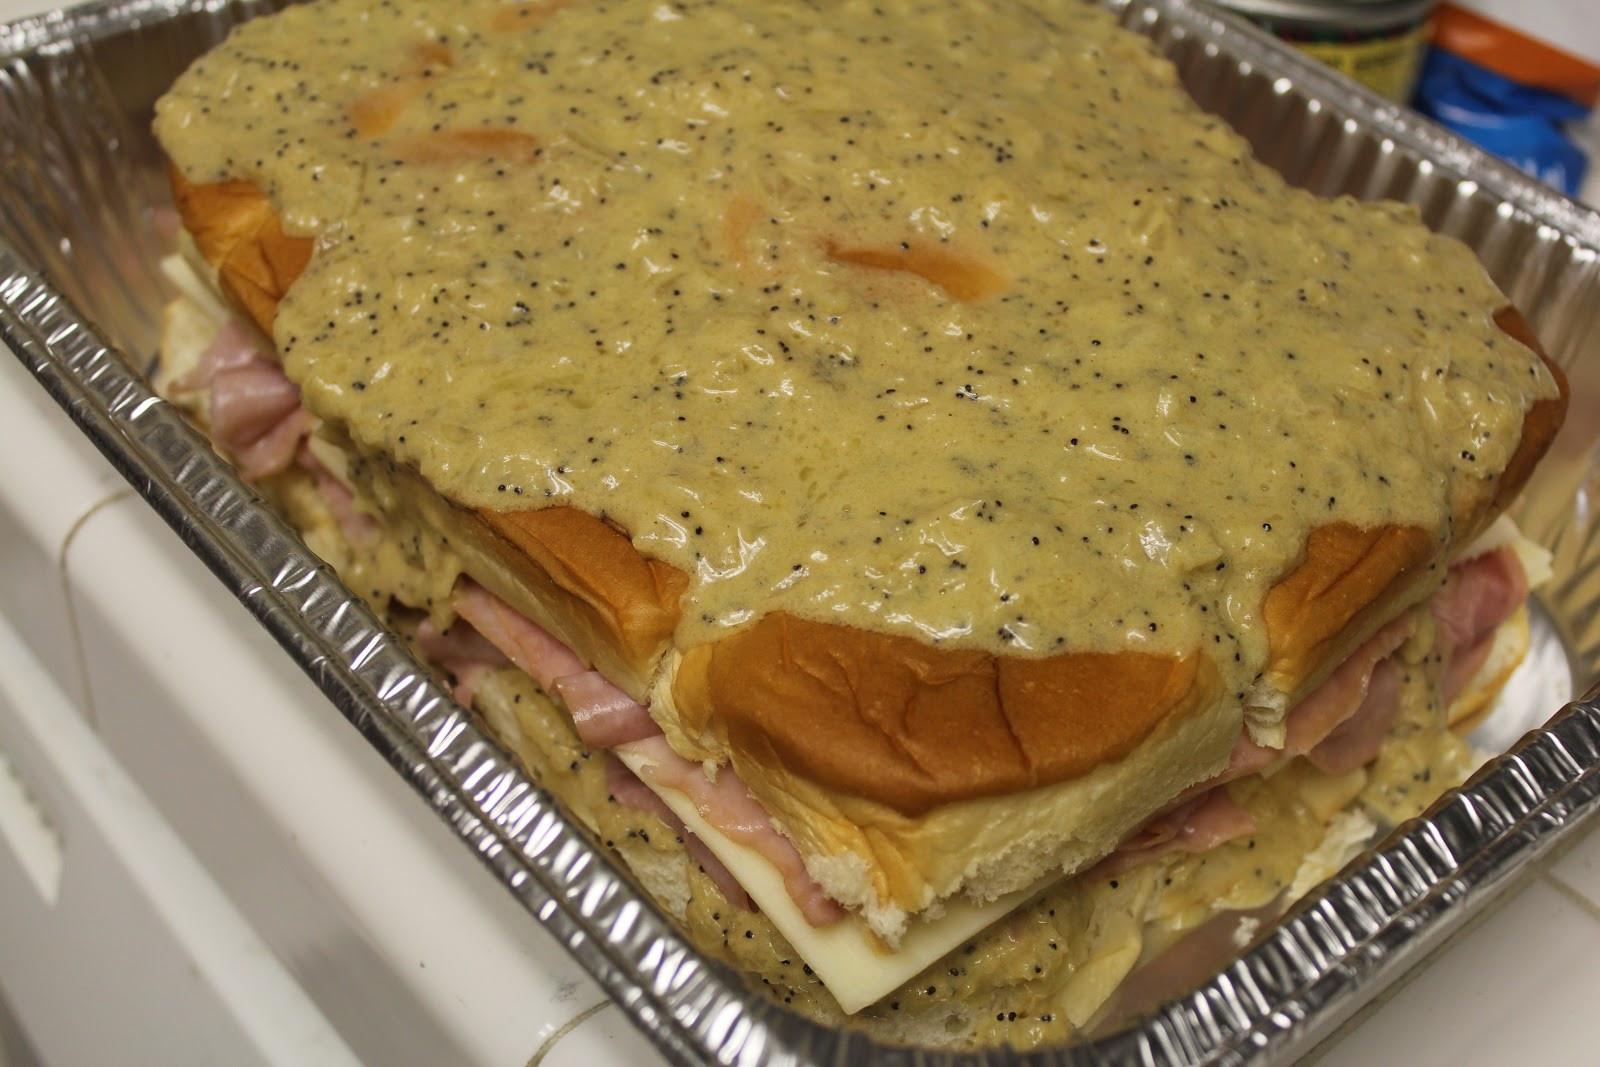 Hawaiian Bread Ham Sandwiches  The Foodista Chronicles Hawaiian Baked Ham and Swiss